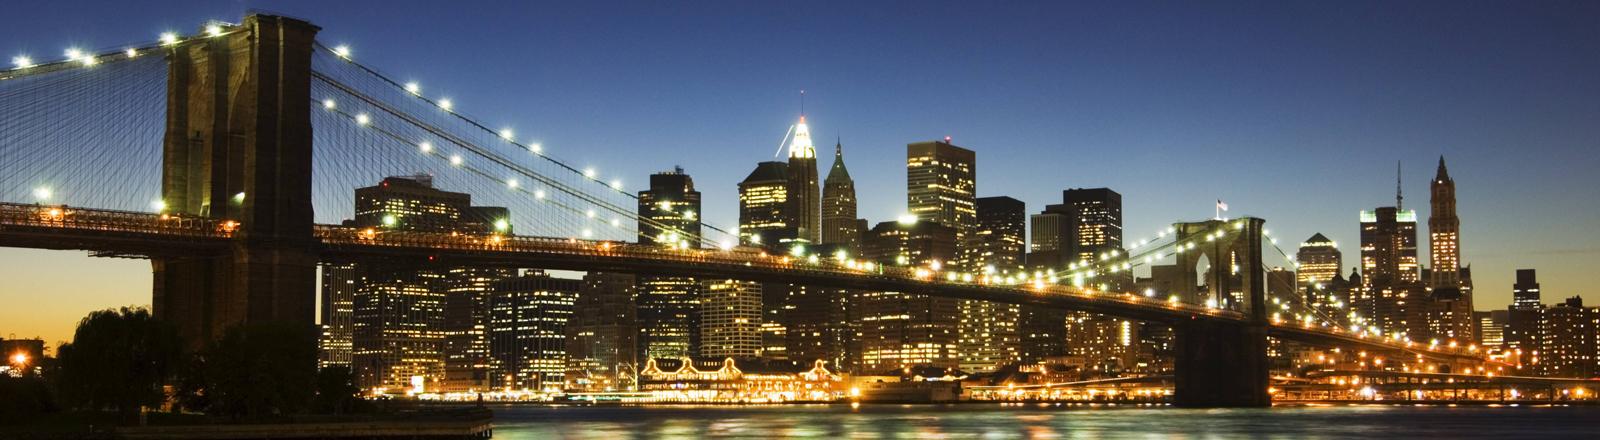 Skyline von New York bei Nacht